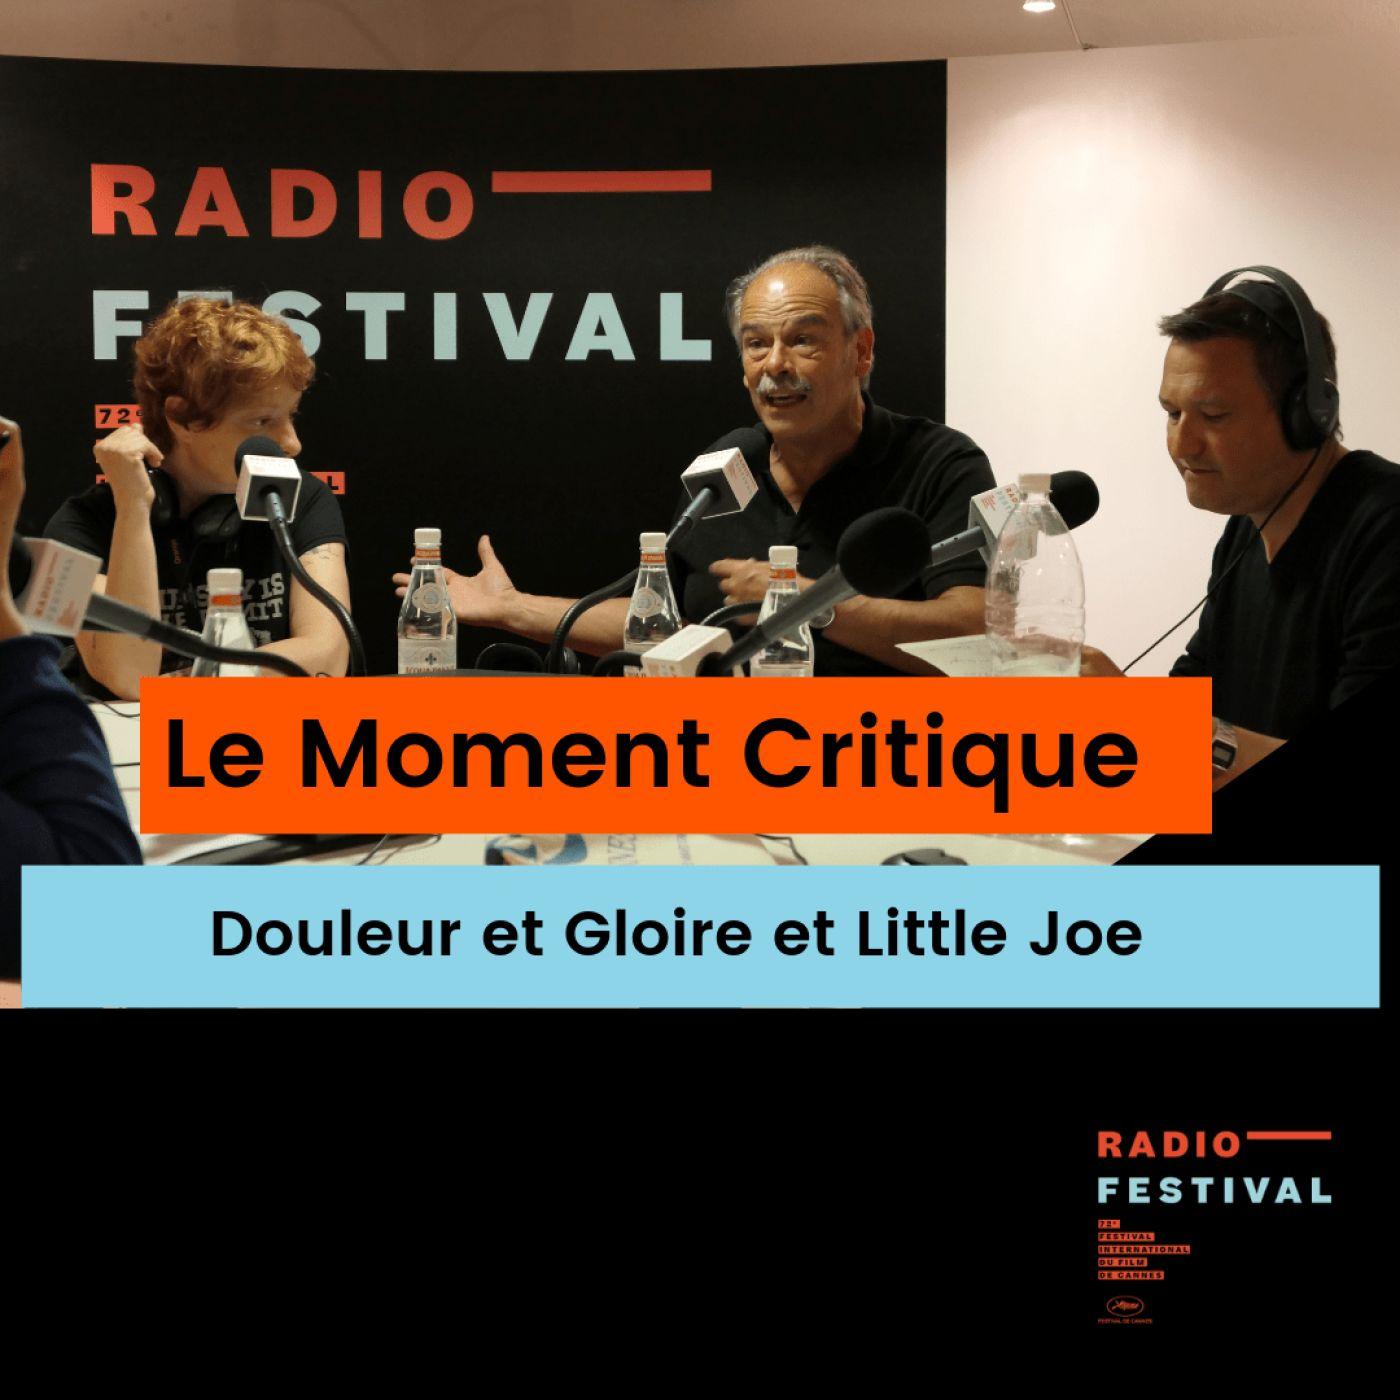 Douleur et Gloire et Little Joe - Le Moment Critique - 18 mai 2019